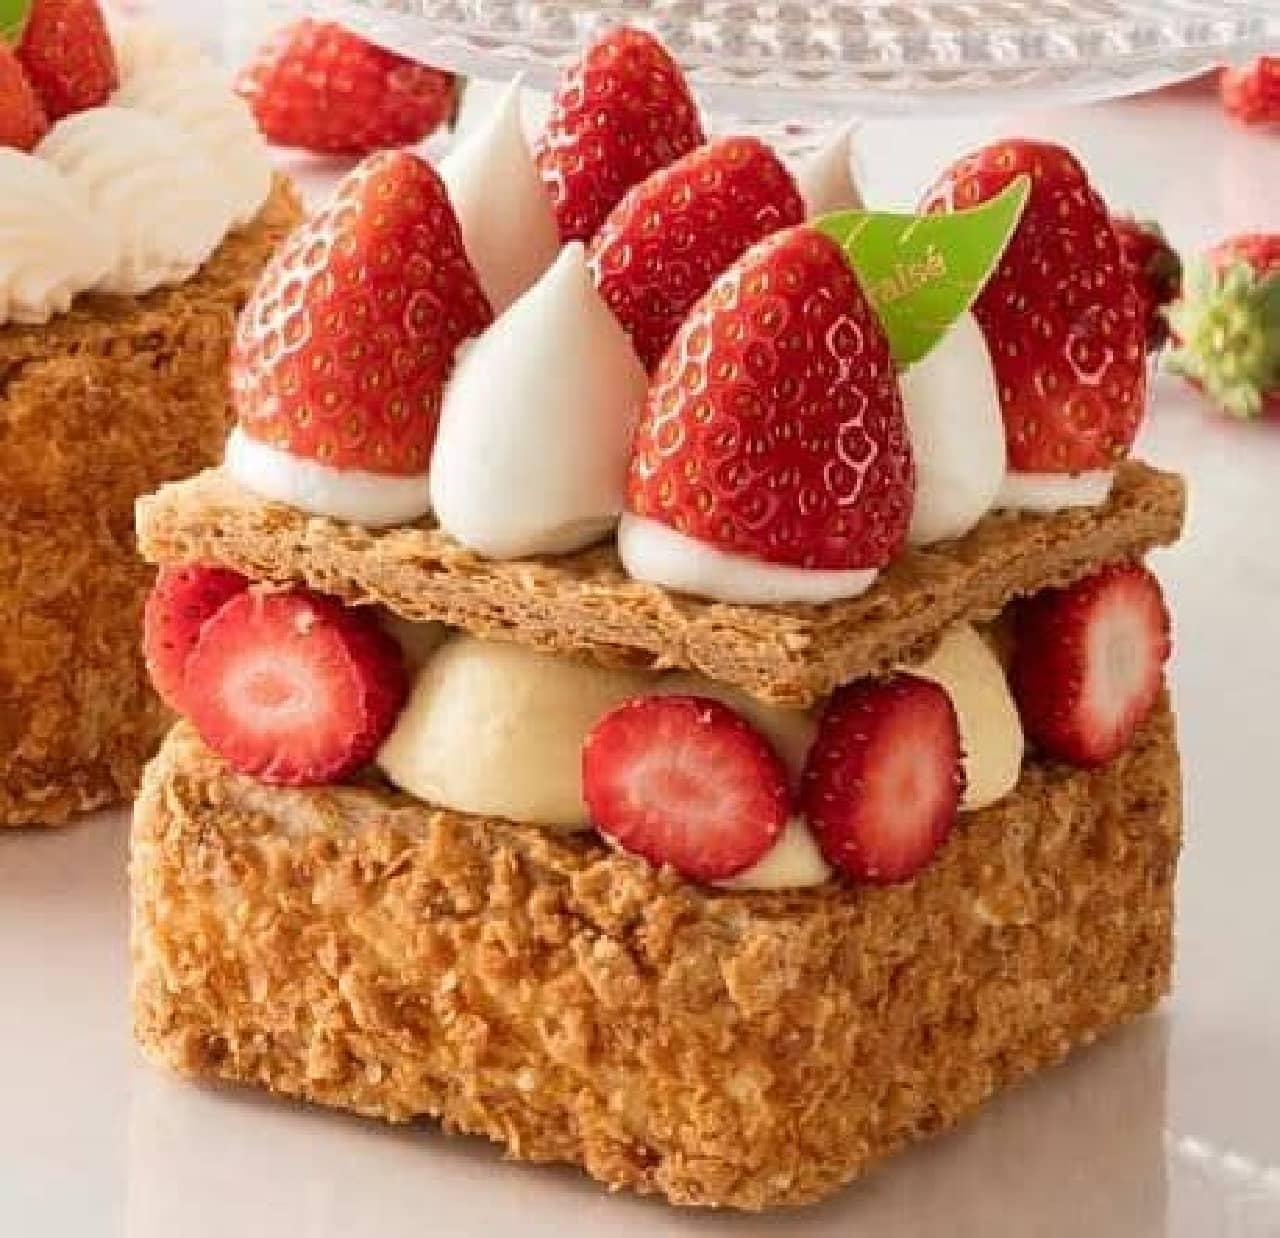 シャトレーゼ「とちおとめ種苺使用 バター香るナポレオンパイボックス」